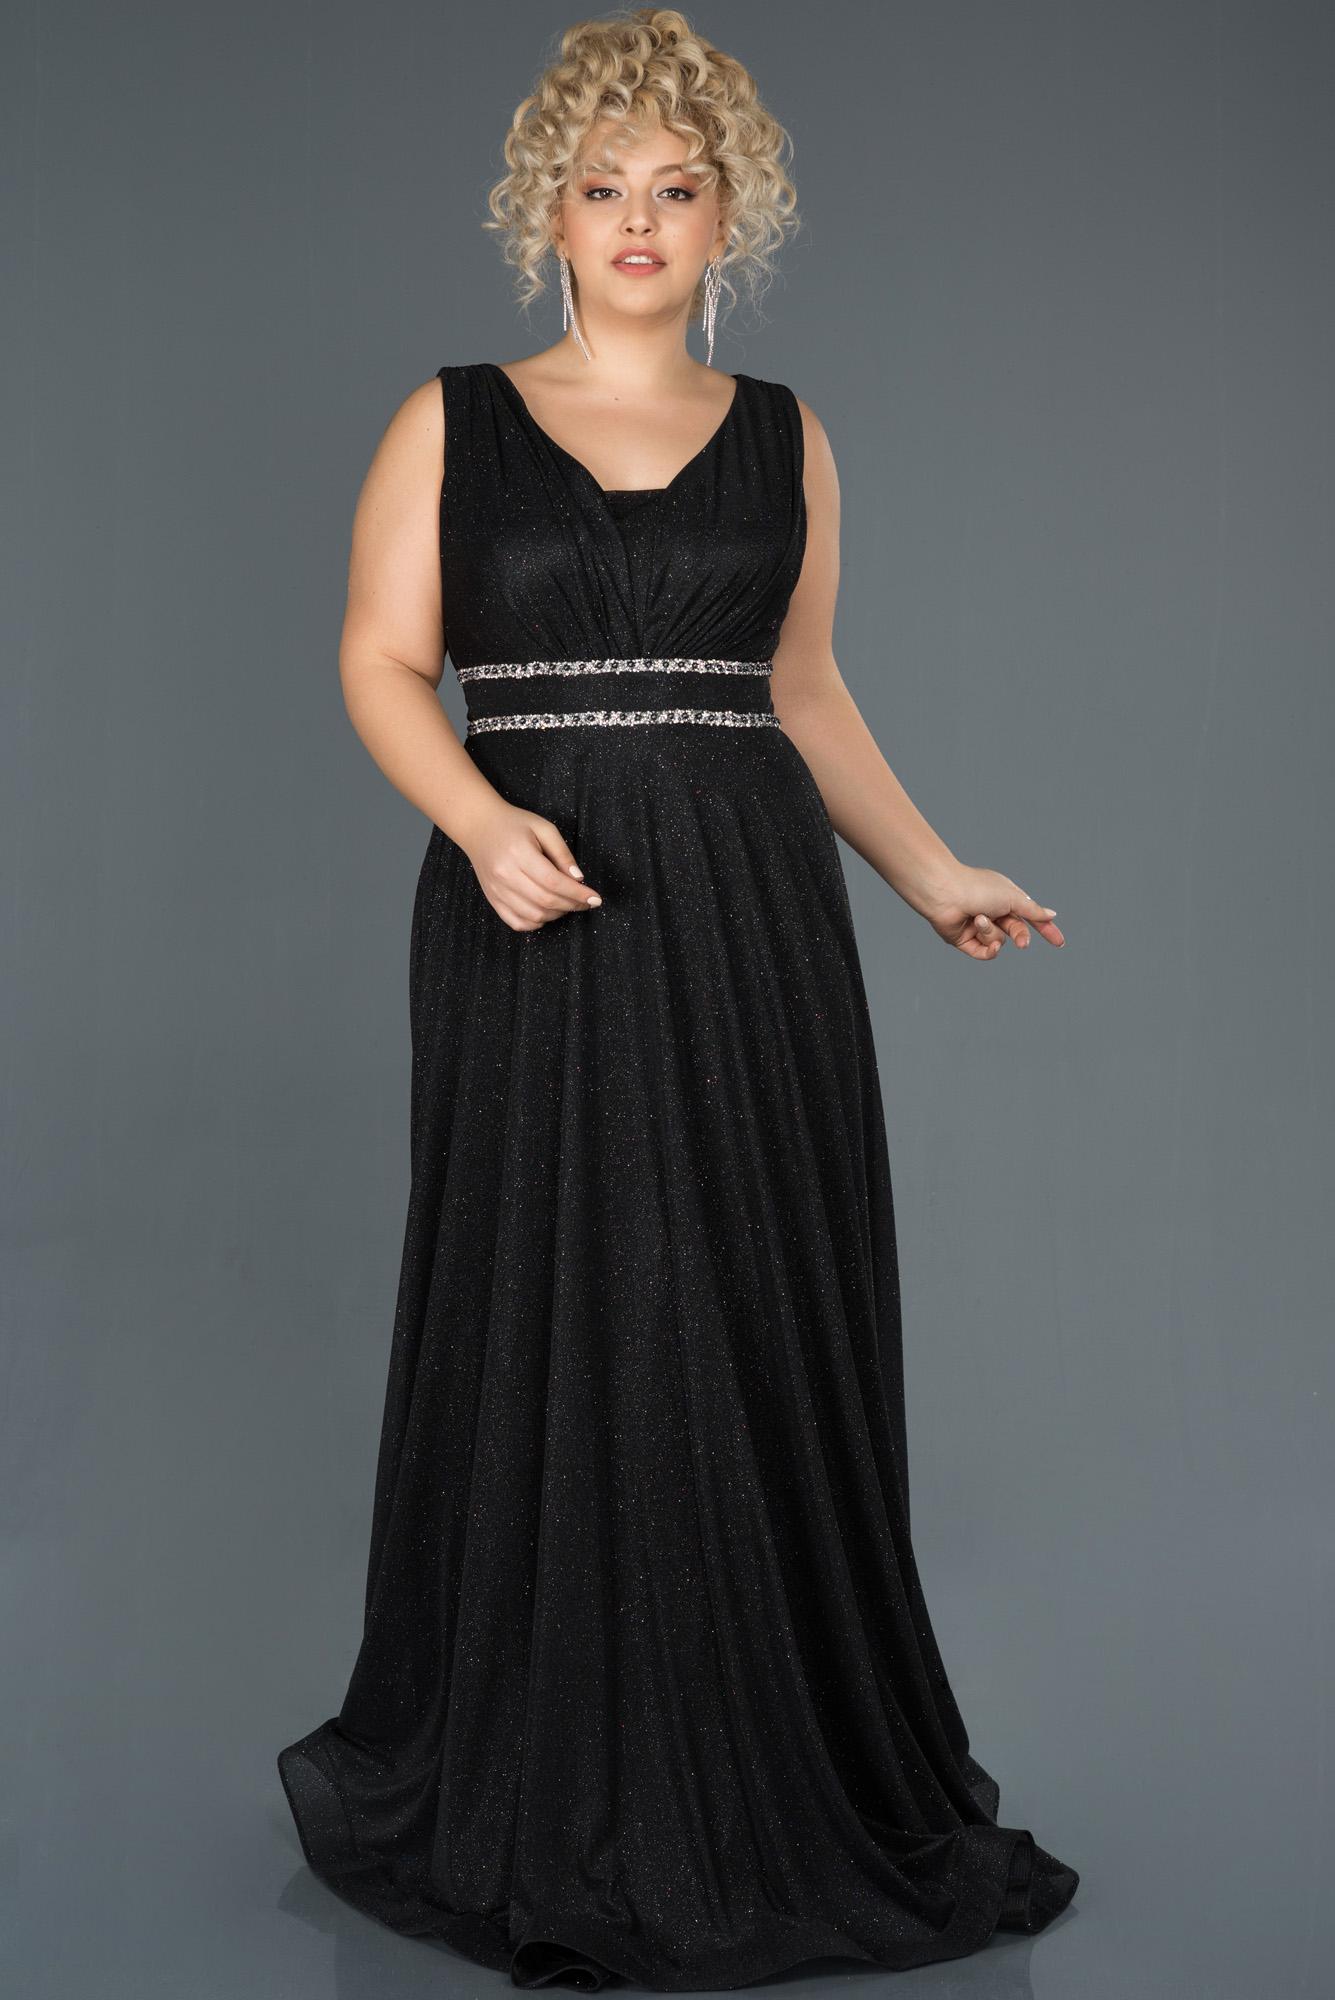 Siyah Uzun Simli Kolsuz Büyük Beden Abiye Elbise